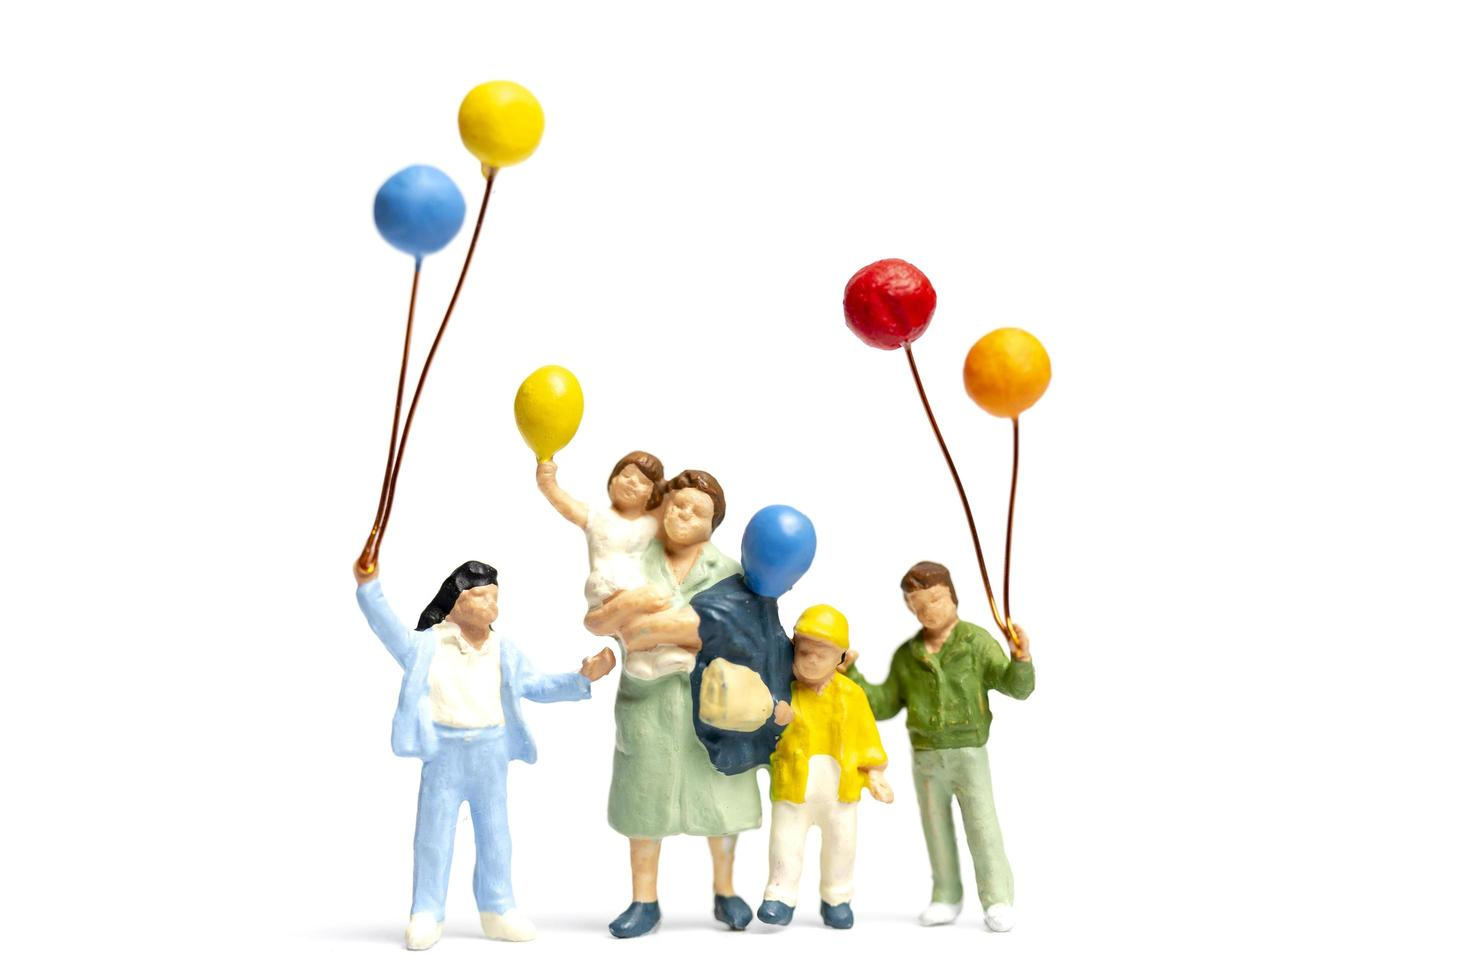 miniatyrbarn som håller ballonger med en förälder som isoleras på en vit bakgrund foto